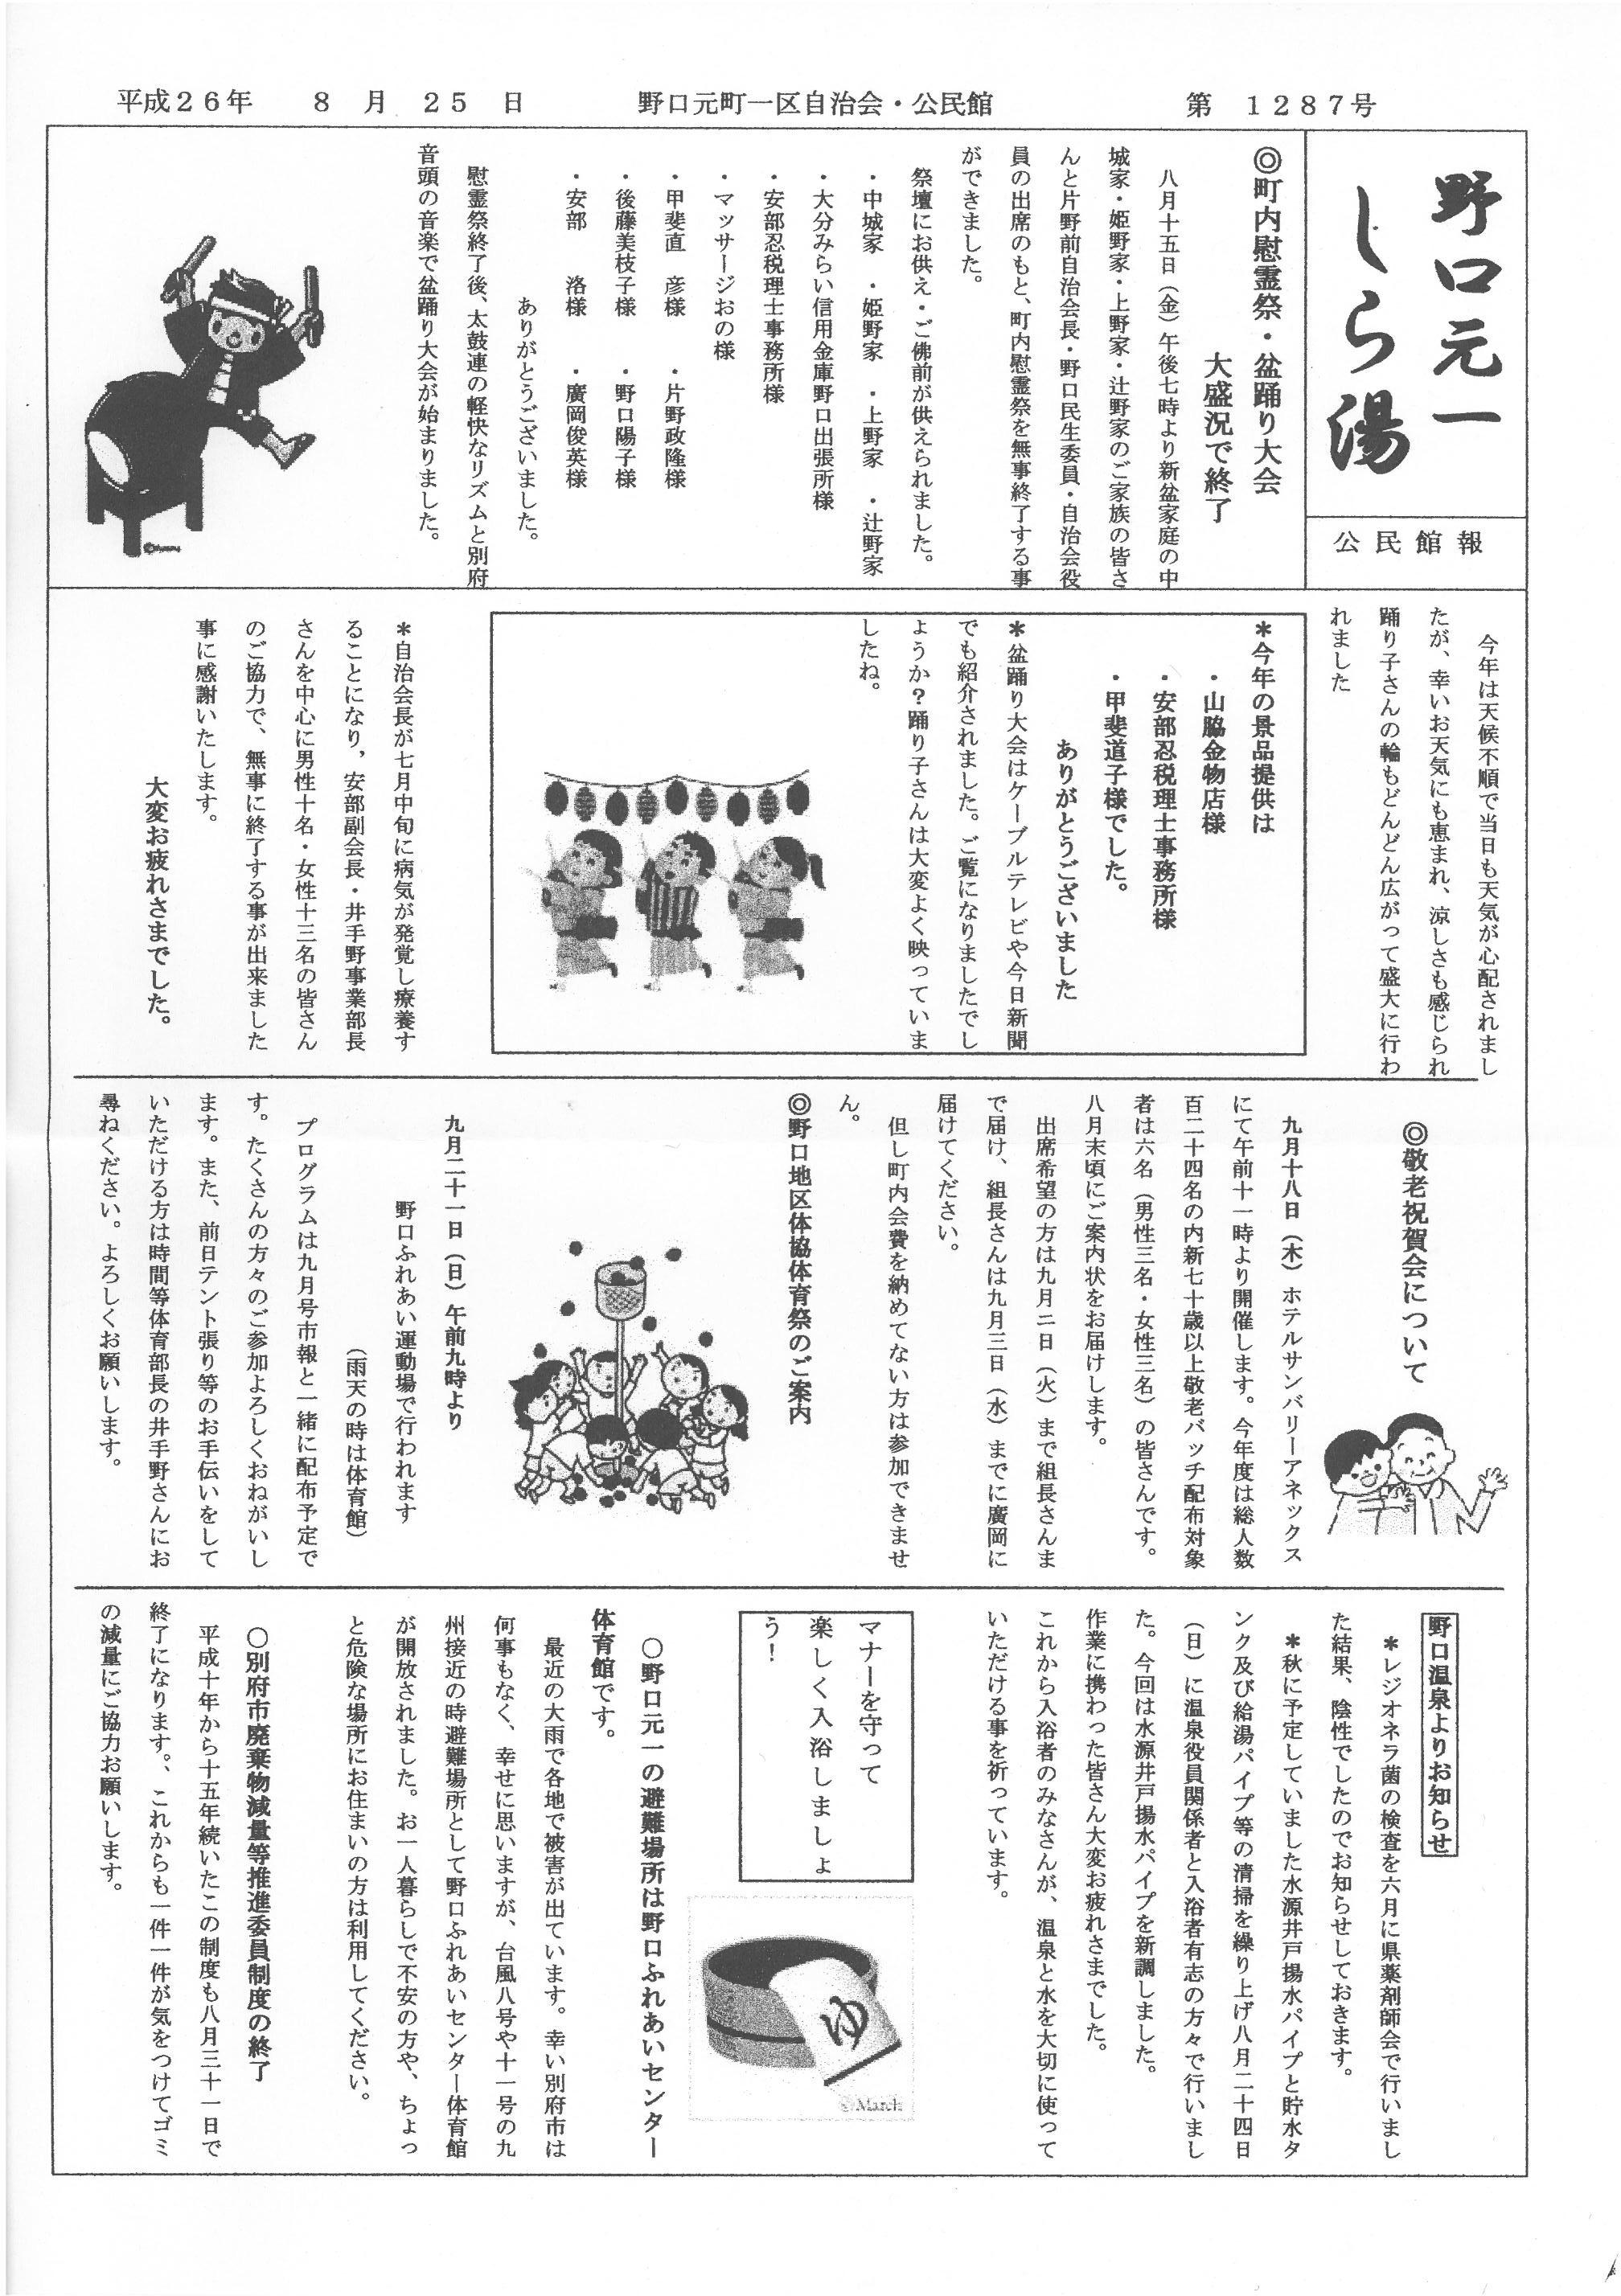 noguchimotoichi2014_09